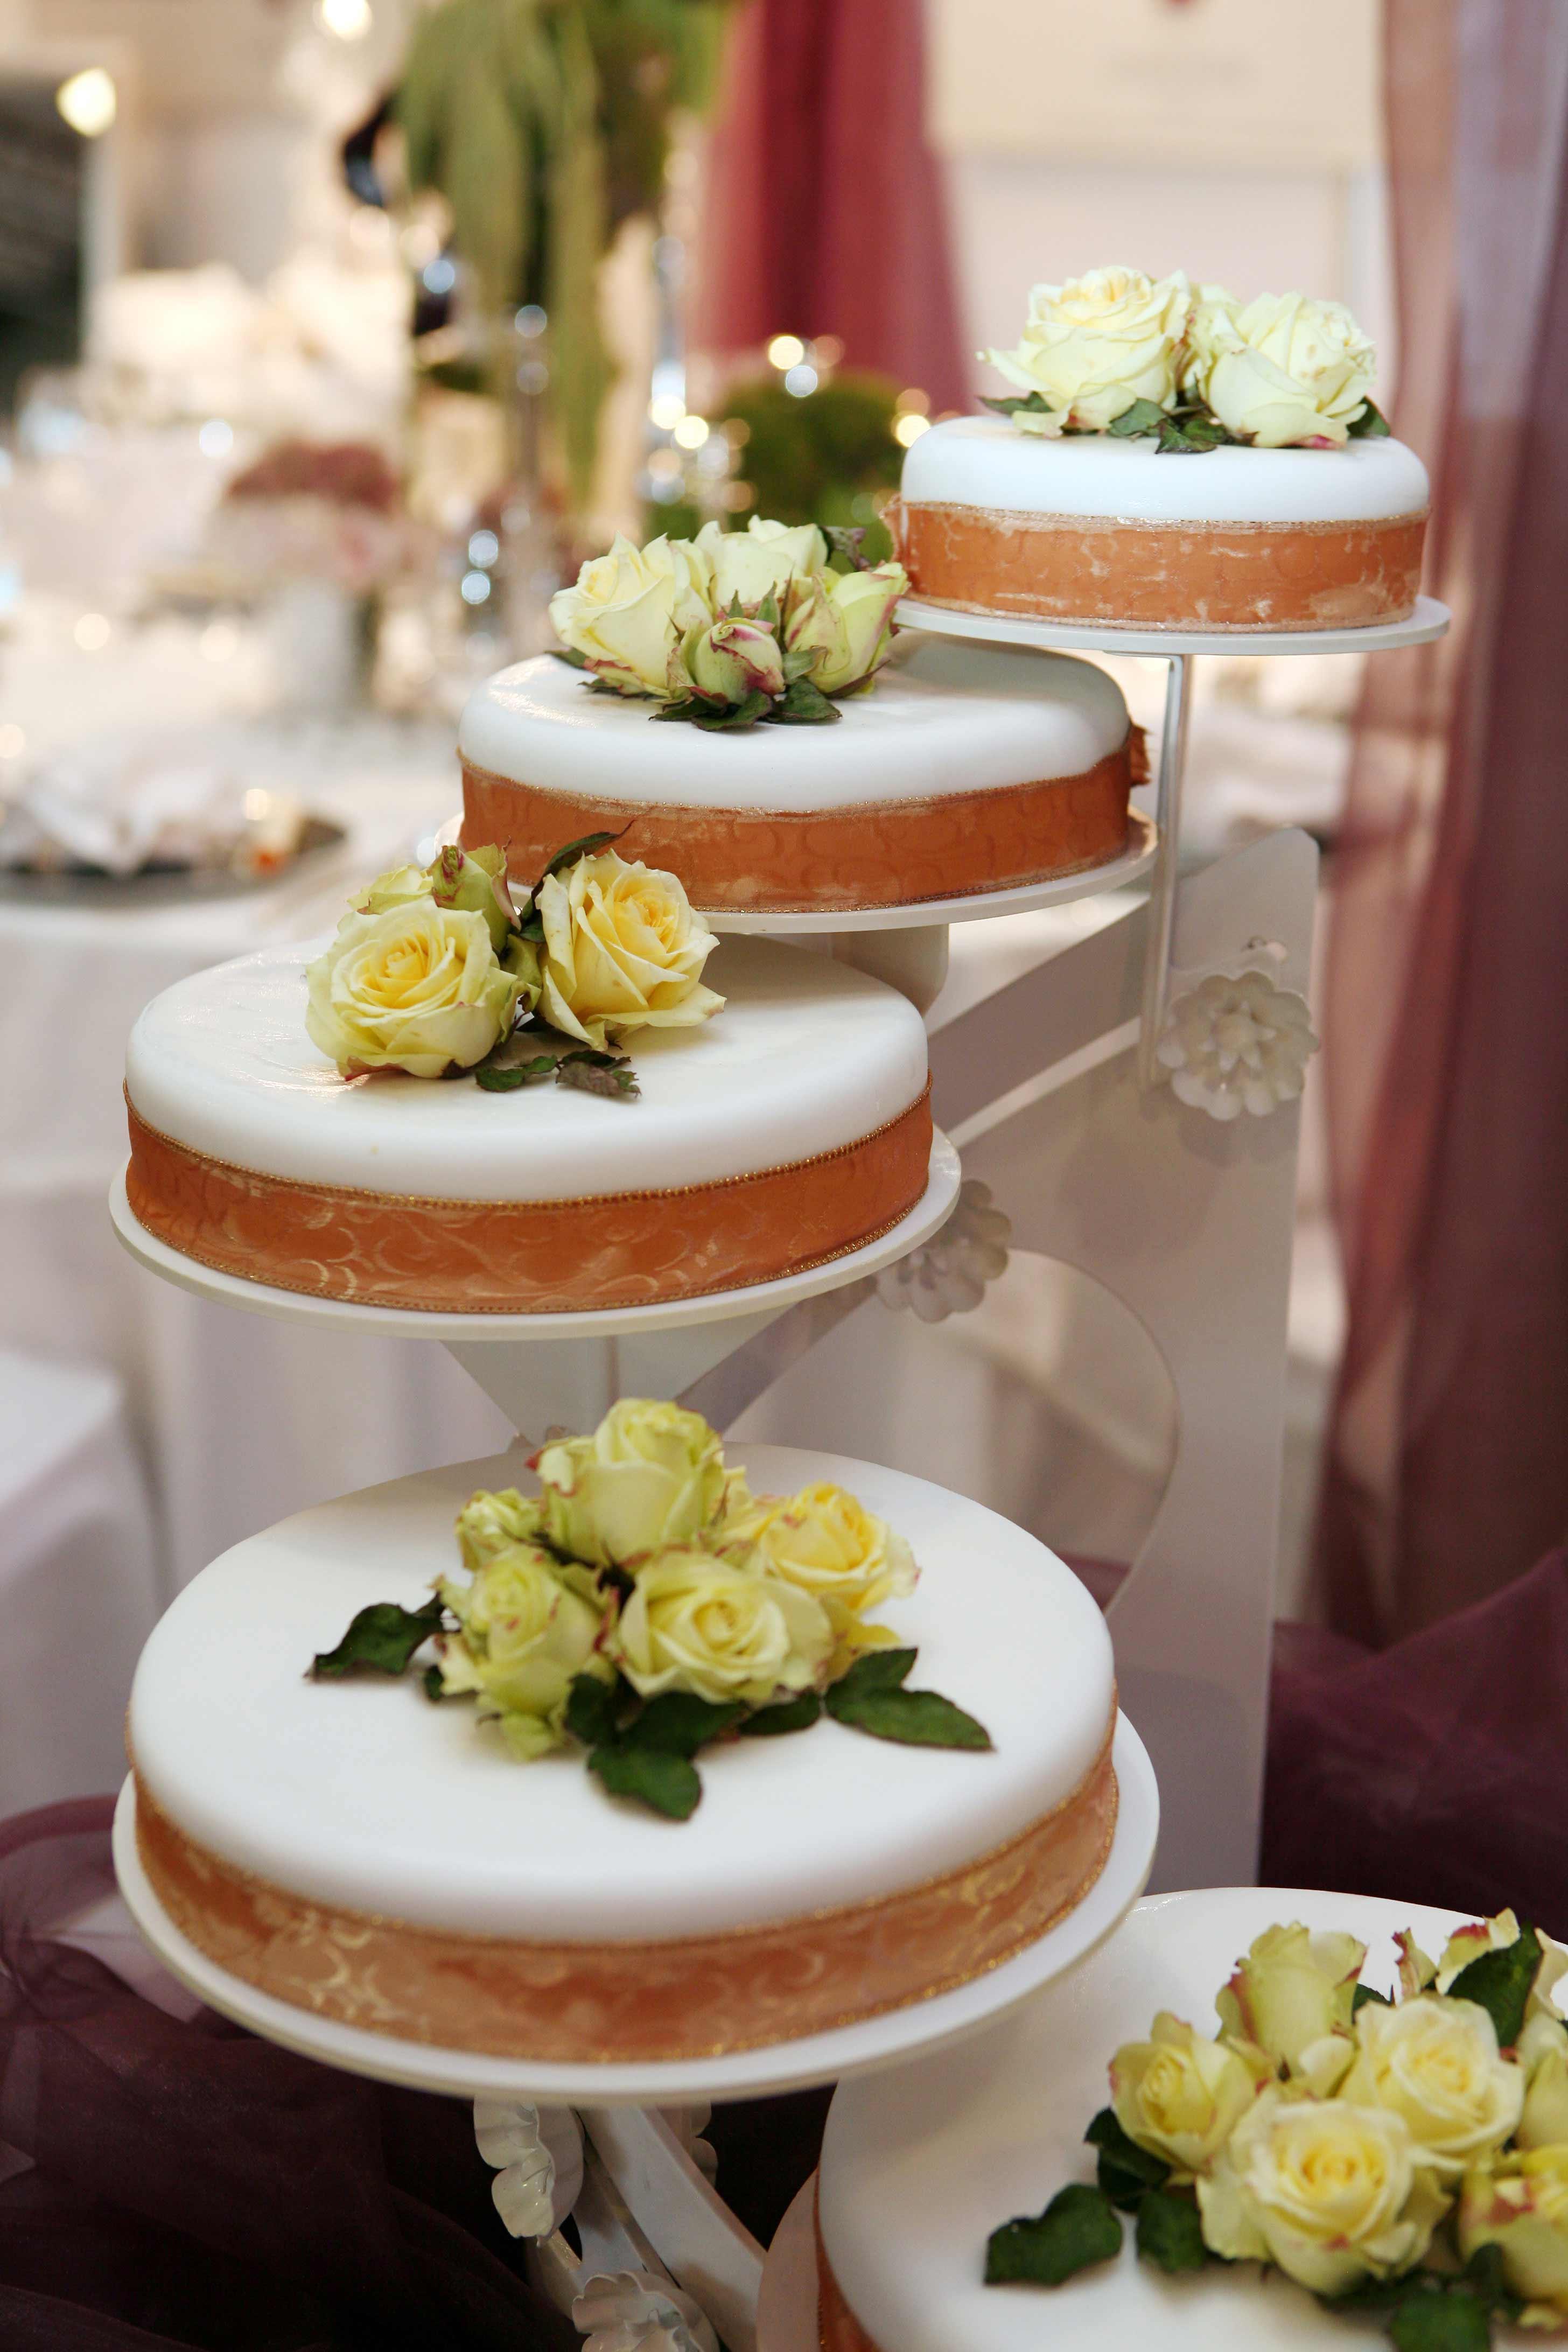 Hochzeitstorte mit 5 Stufen - Bildergalerie Hochzeitsportal24